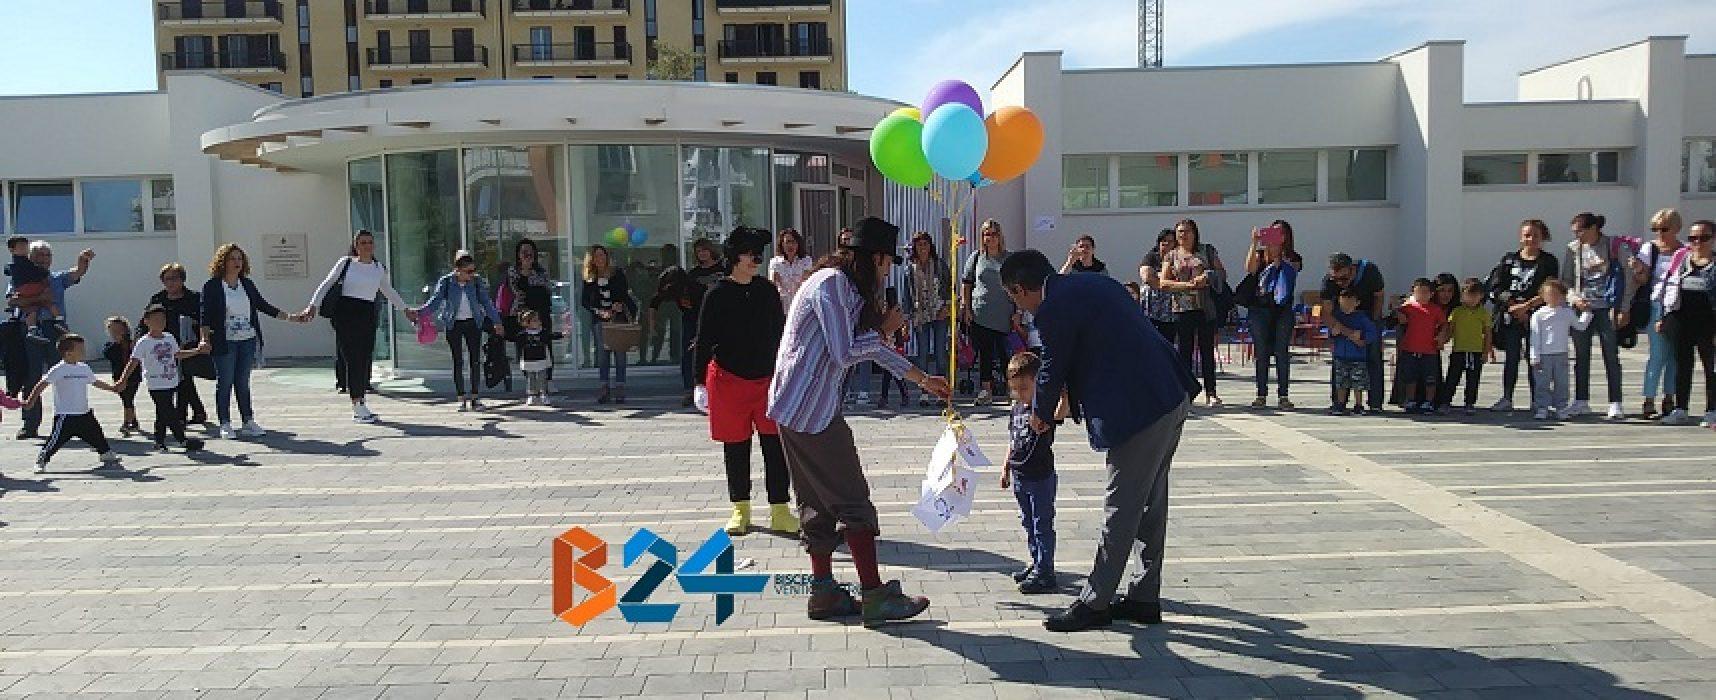 """L'asilo """"Don Pierino Arcieri"""" inaugura l'anno scolastico con la Festa dell'accoglienza / FOTO"""